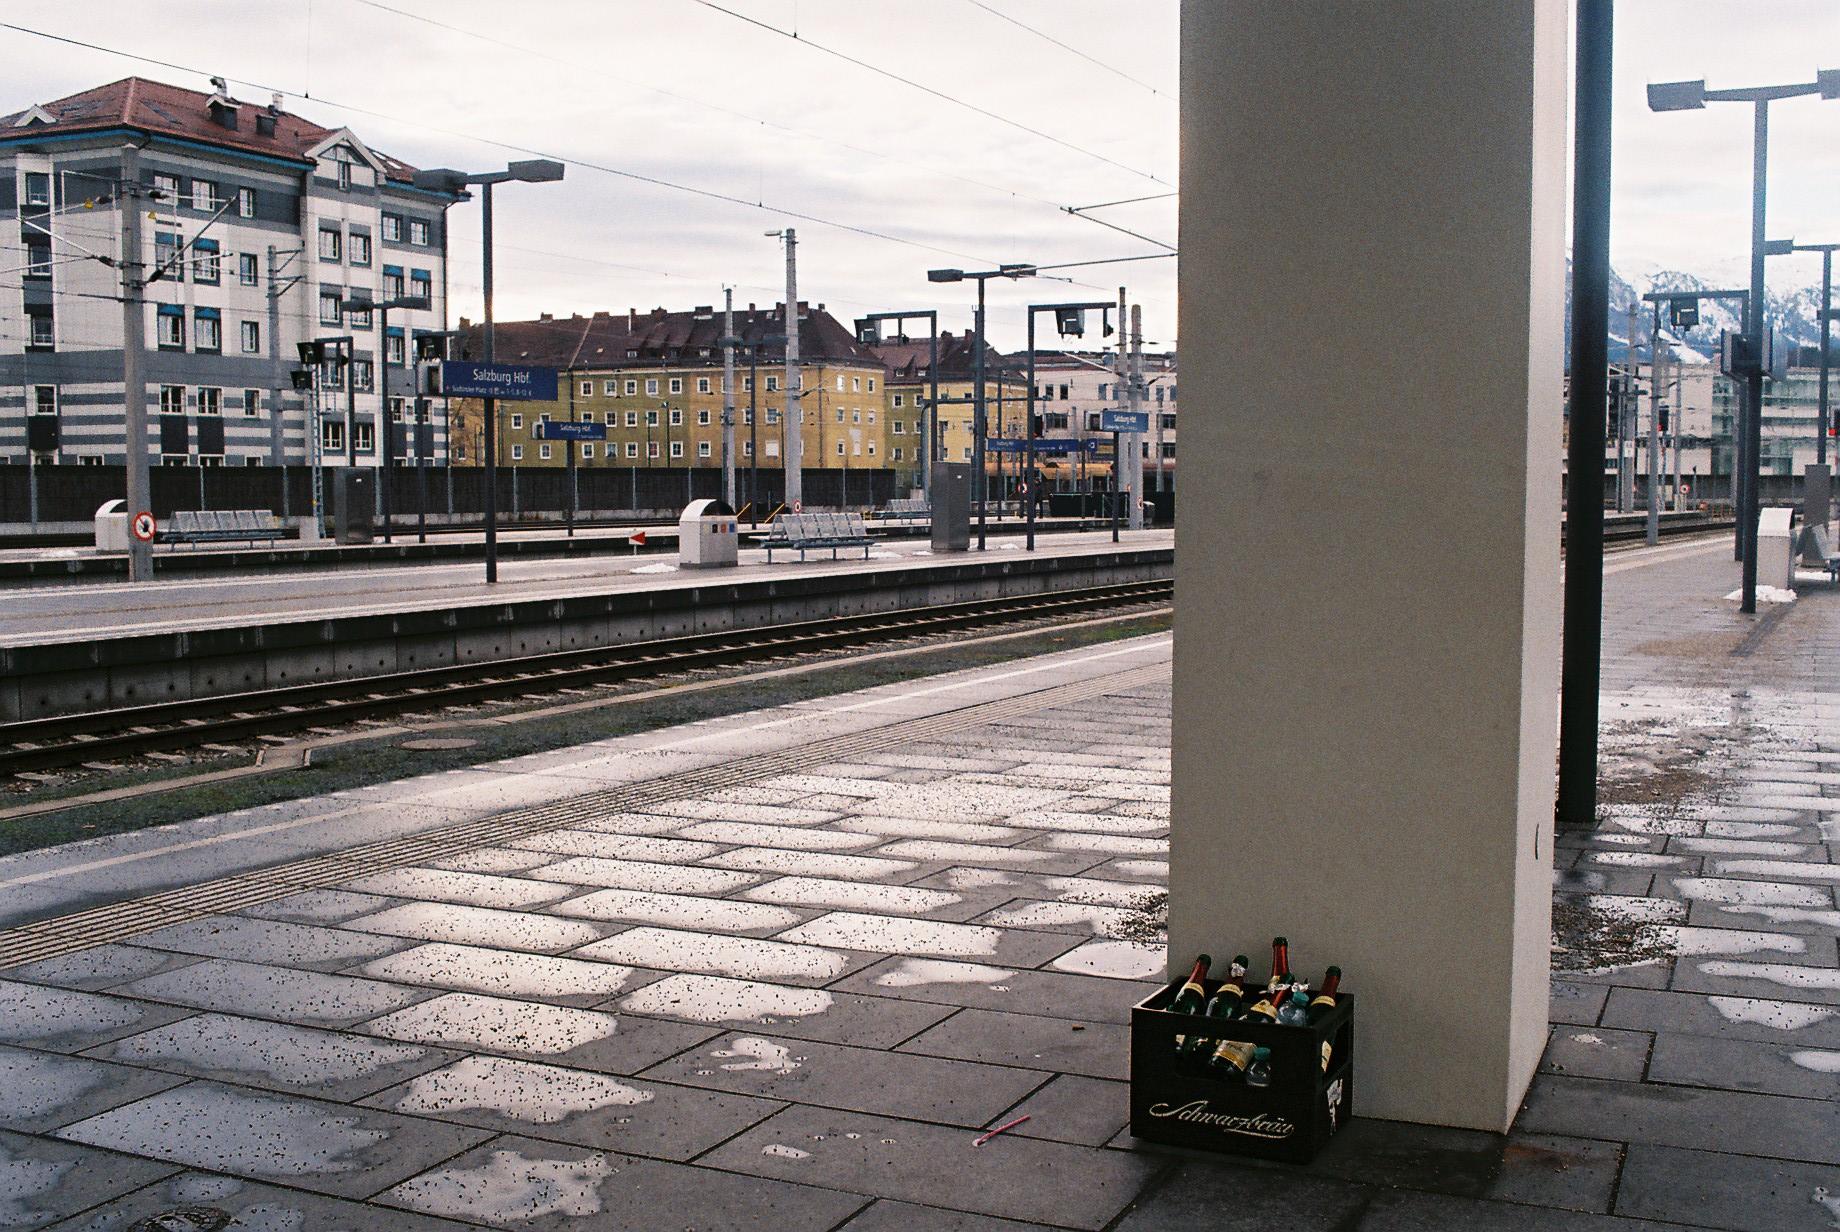 12.31_Salzburg_09